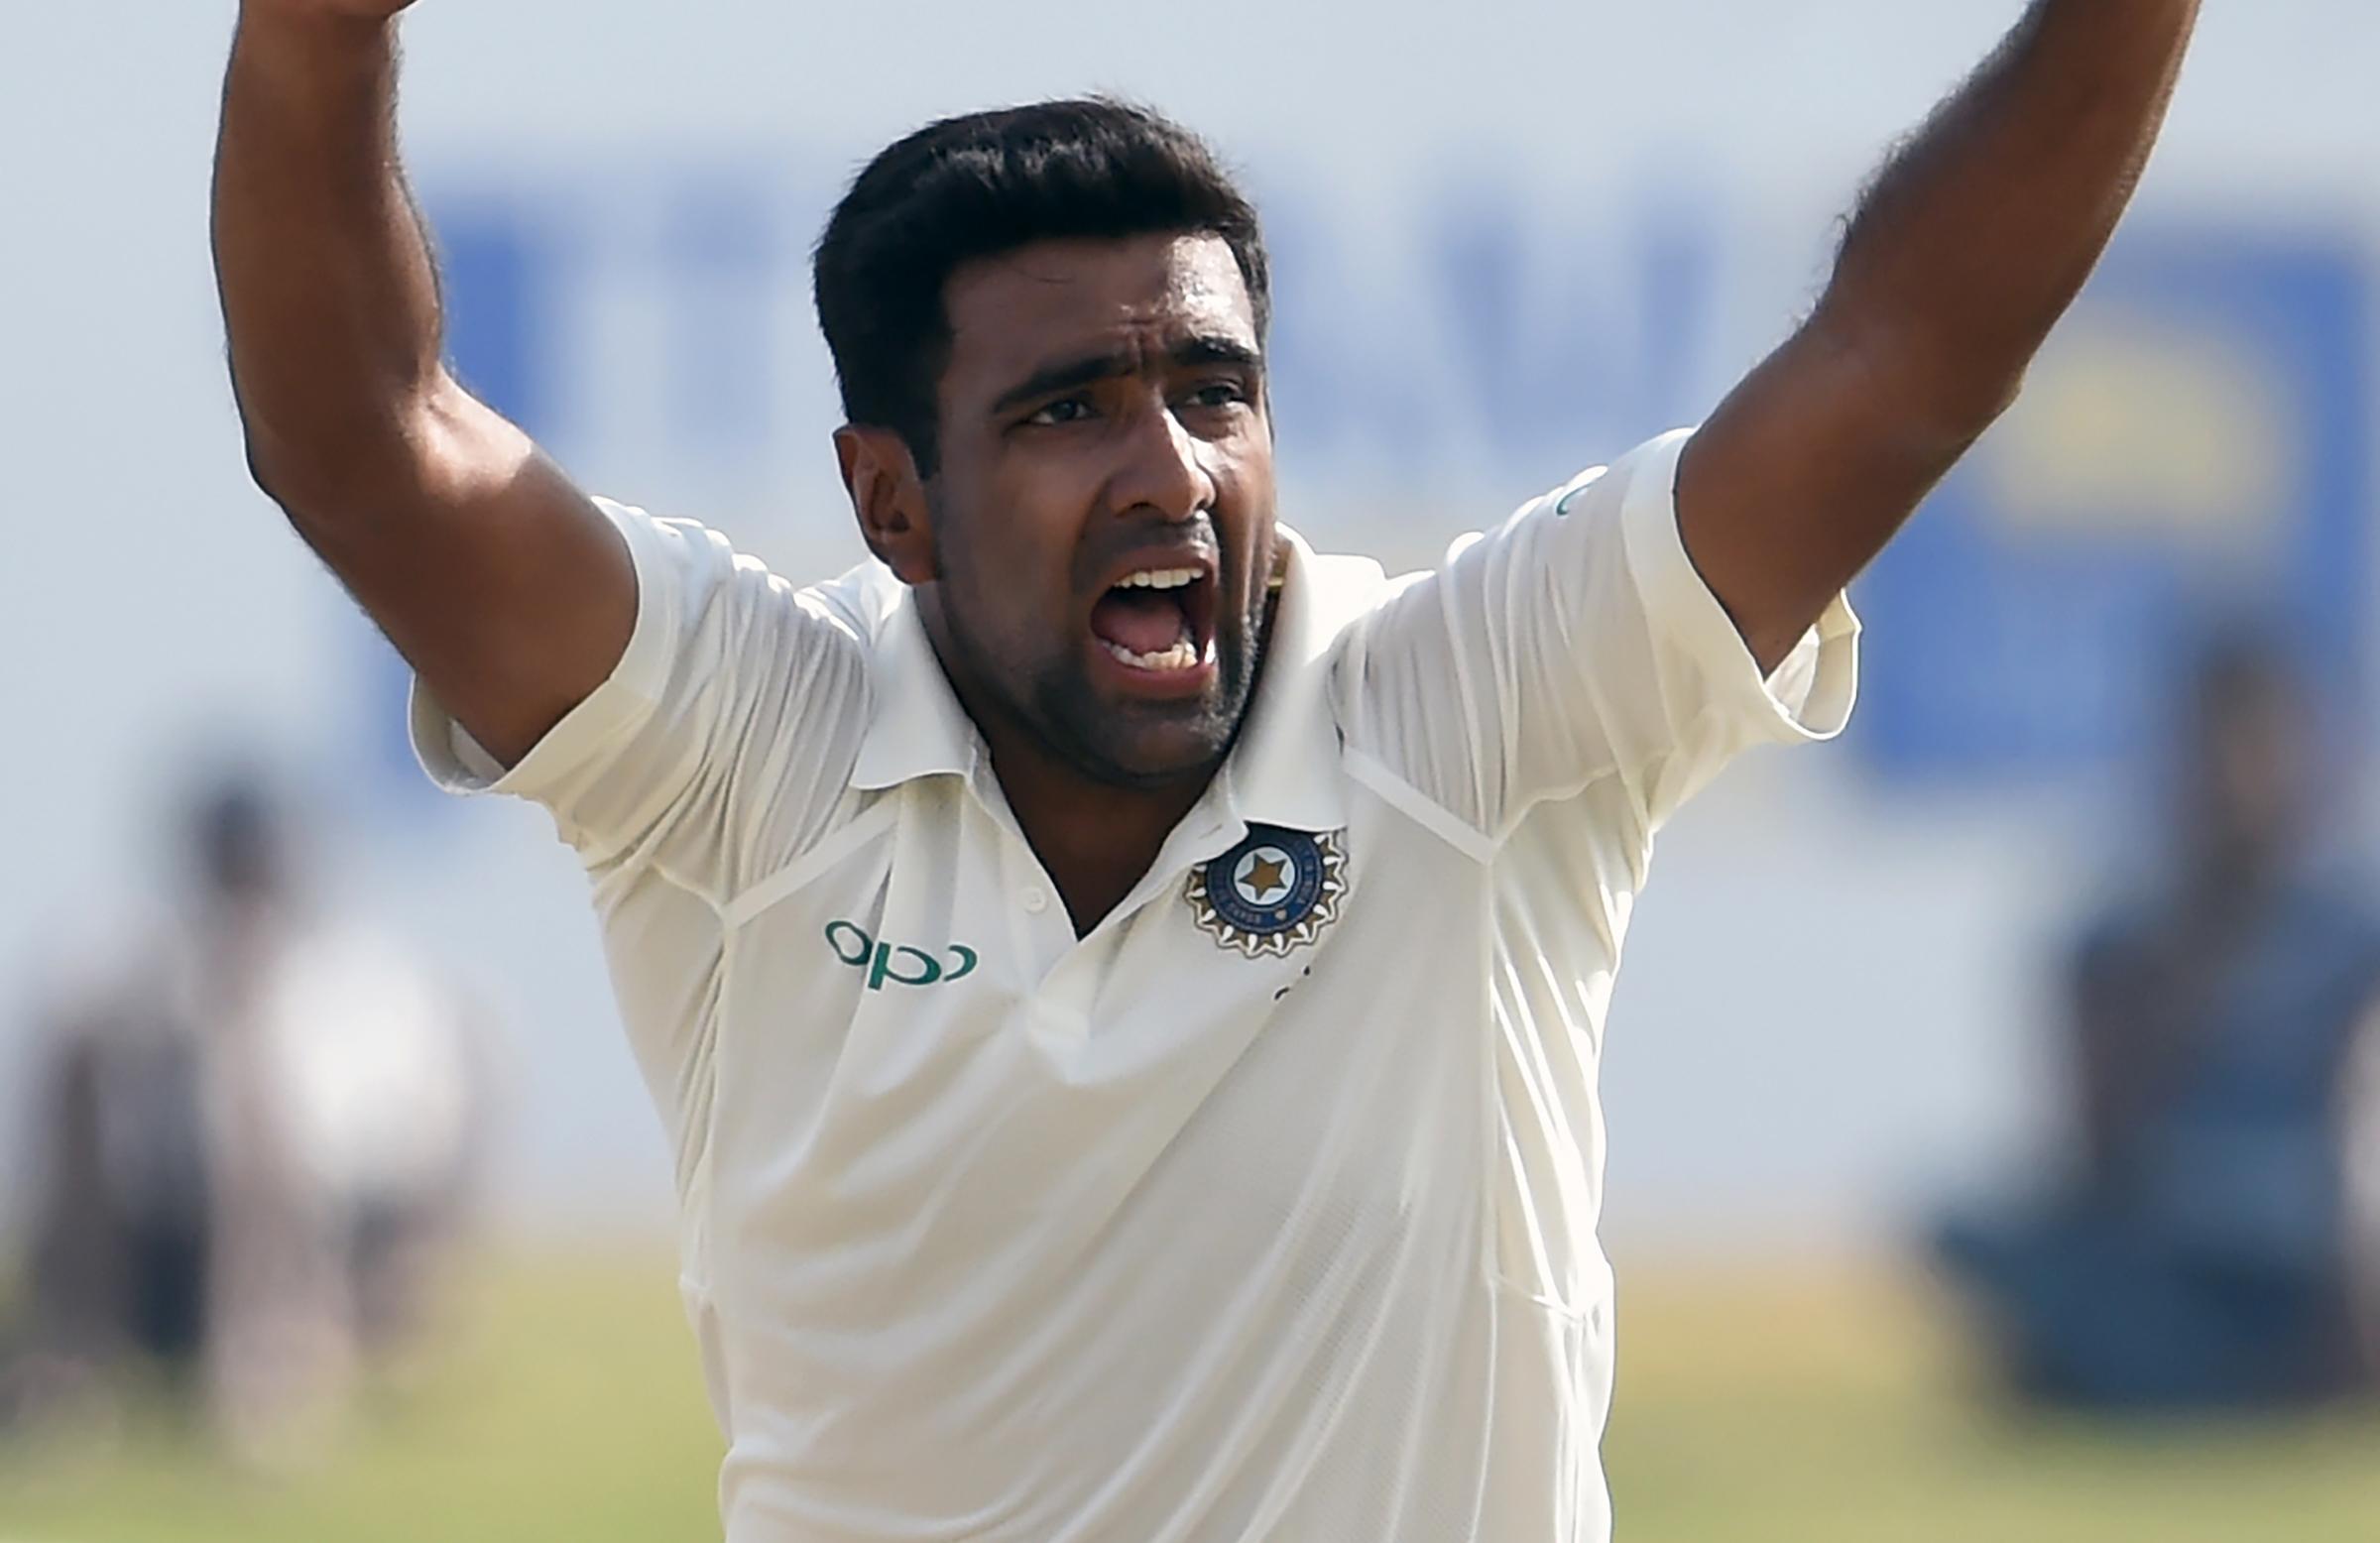 नागपुर टेस्ट: अश्विन और जडेजा के खिलाफ रवि शास्त्री ने चली अब ऐसी चाल अफ्रीका दौरे से दोनों का बाहर होना तय